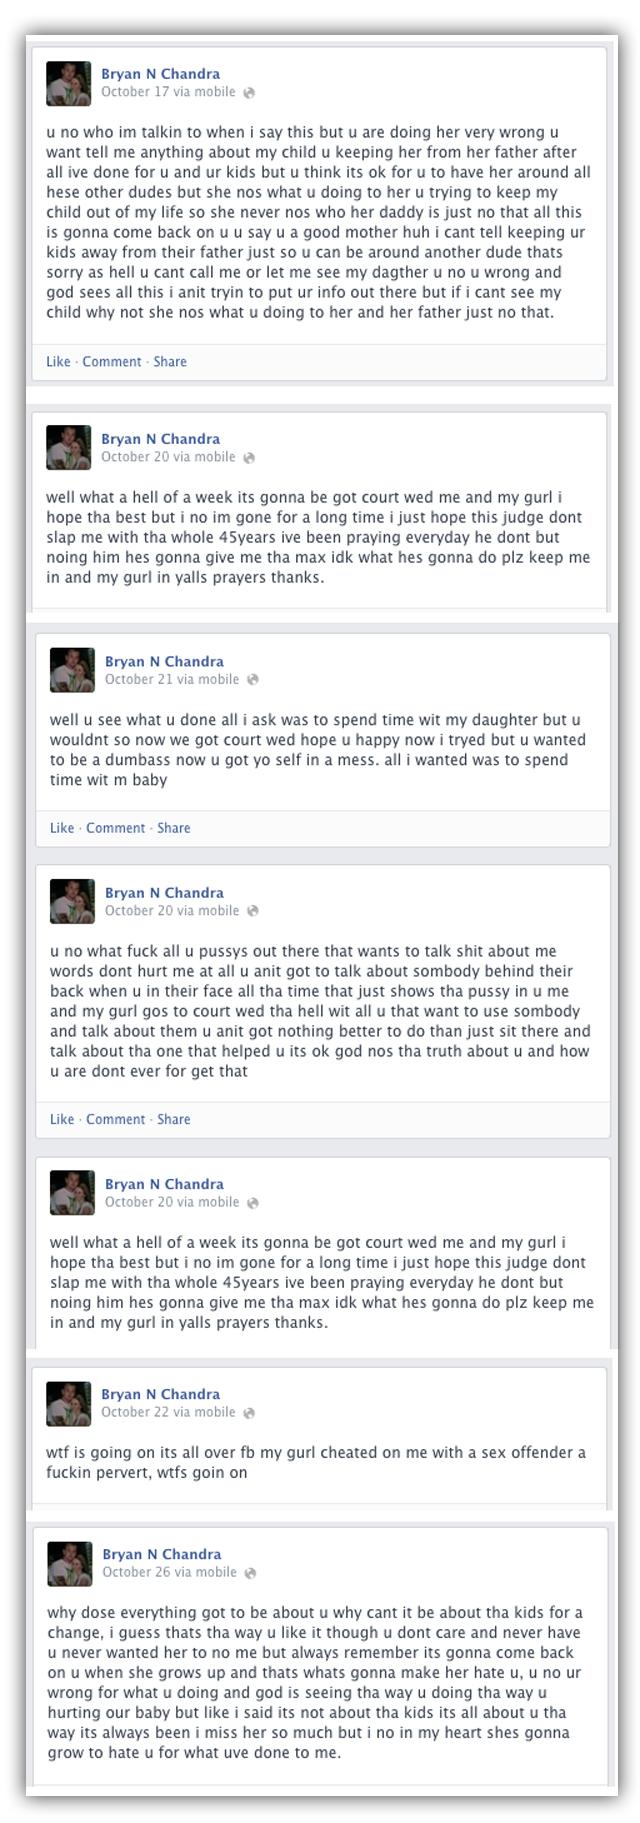 bryan sweatt facebook rants